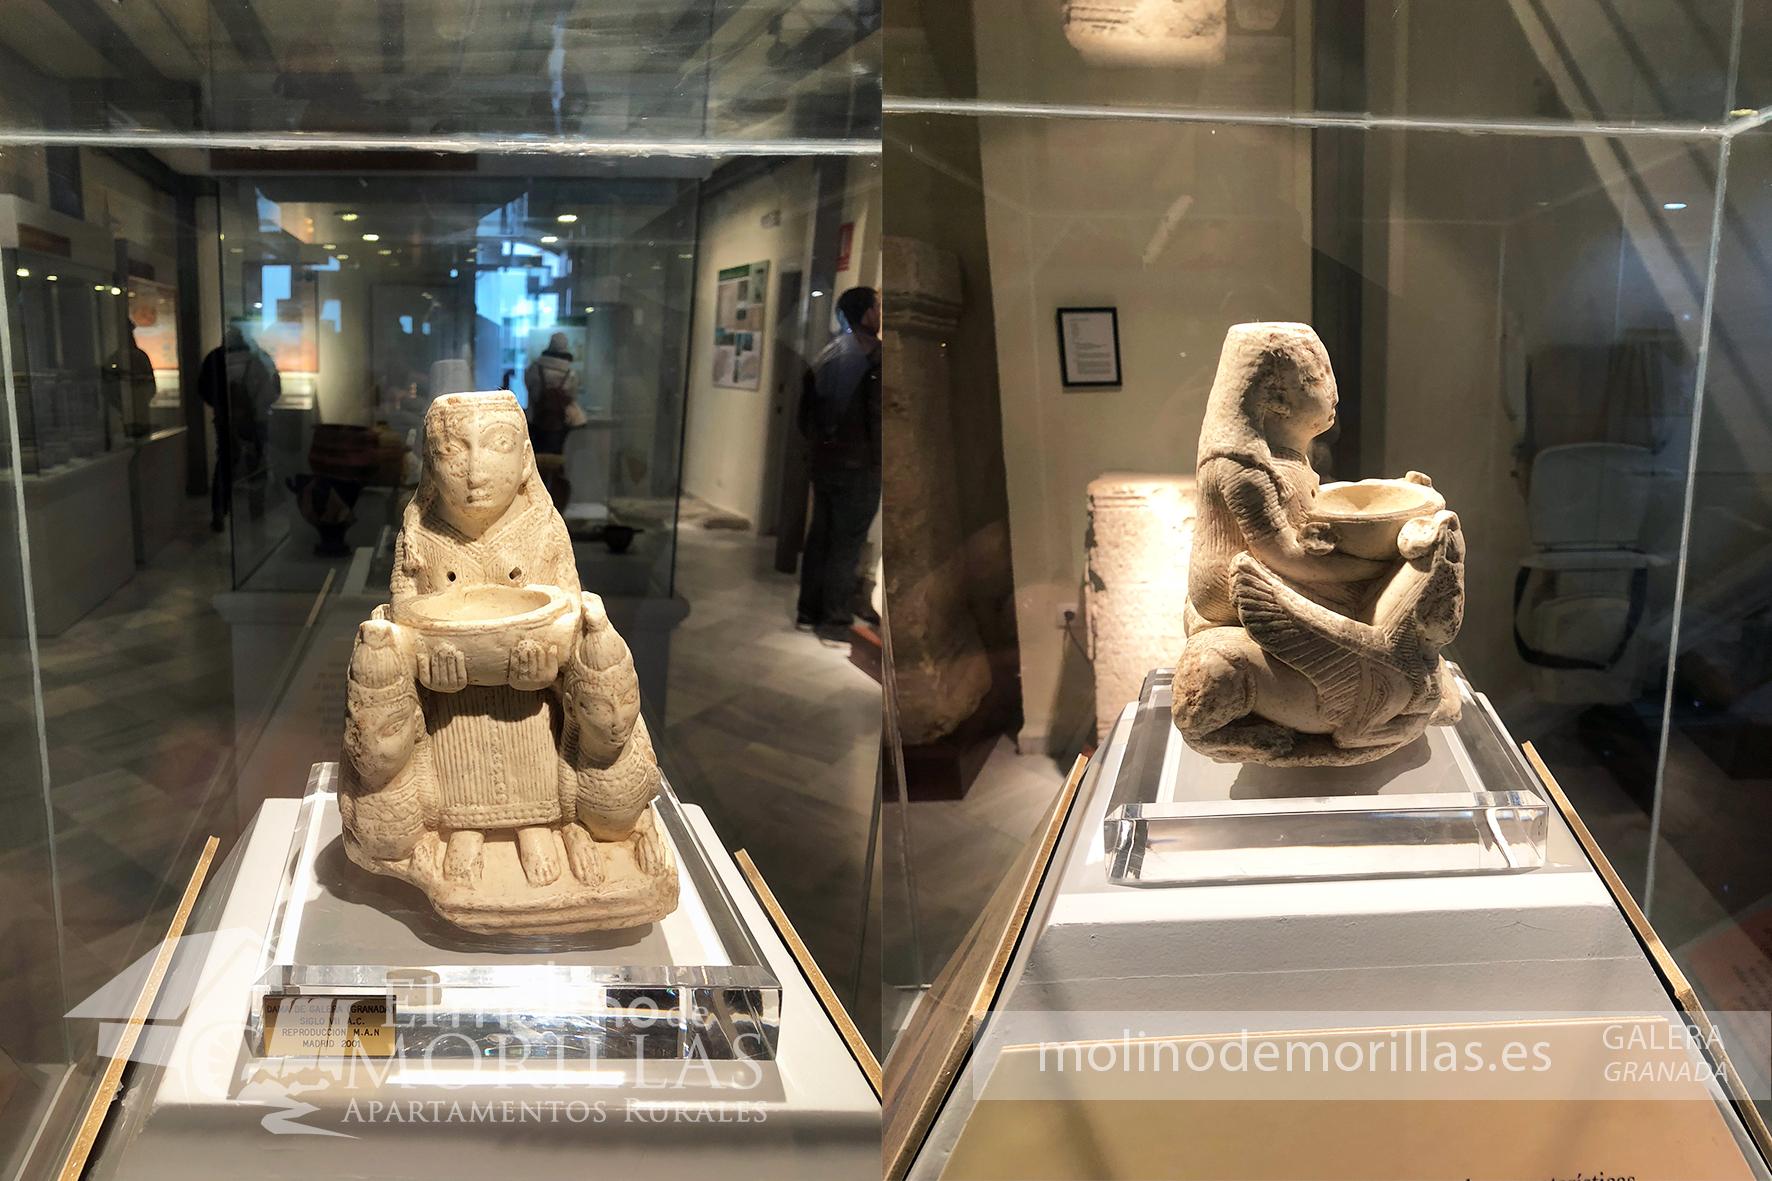 Diosa de la Fertilidad de Galera encontrada en la necrópolis íbero-romana de Tútugi en Galera